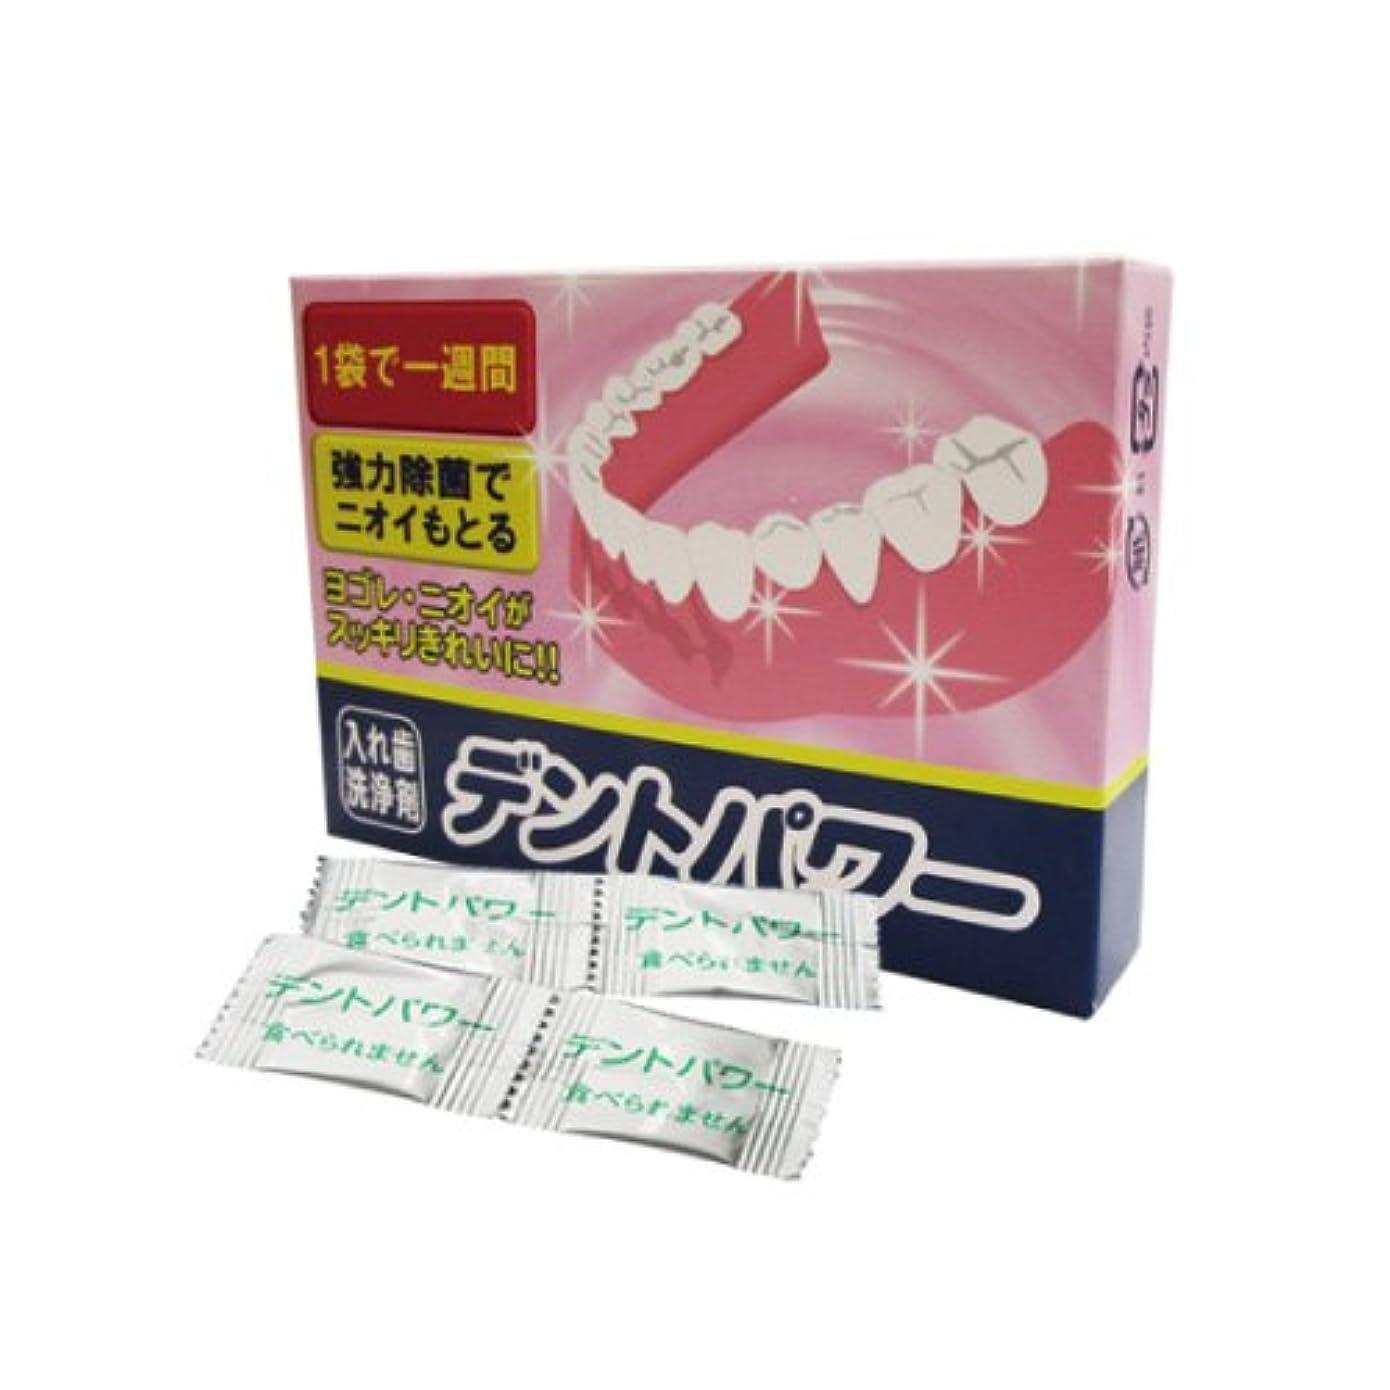 温帯ベーリング海峡免疫【入れ歯洗浄剤】 デントパワー 10ヶ月用(NEW) (専用ケース無し) - DENT POWER